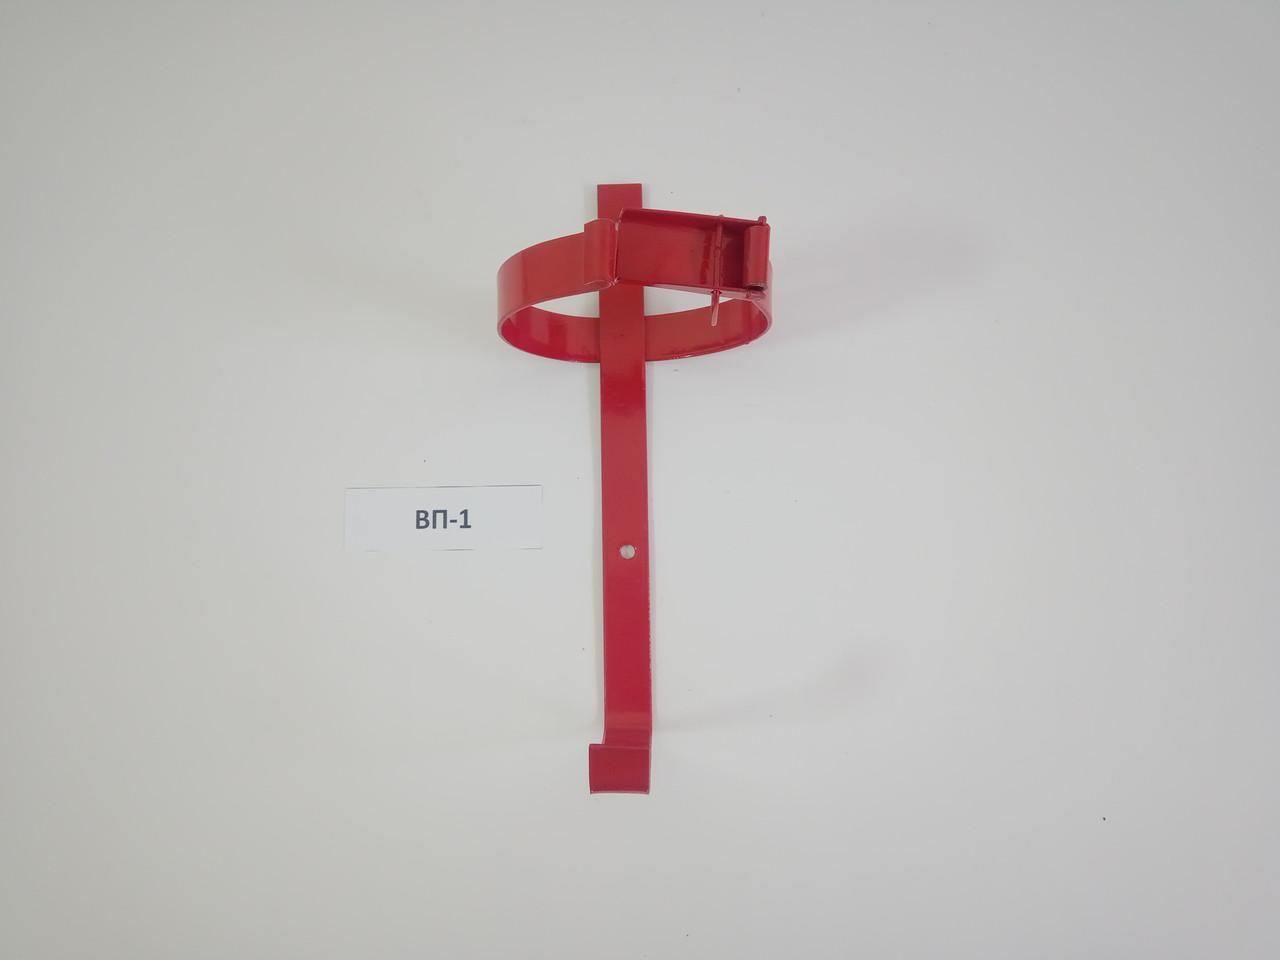 Кронштейн транспортный для огнетушителя ВП-1